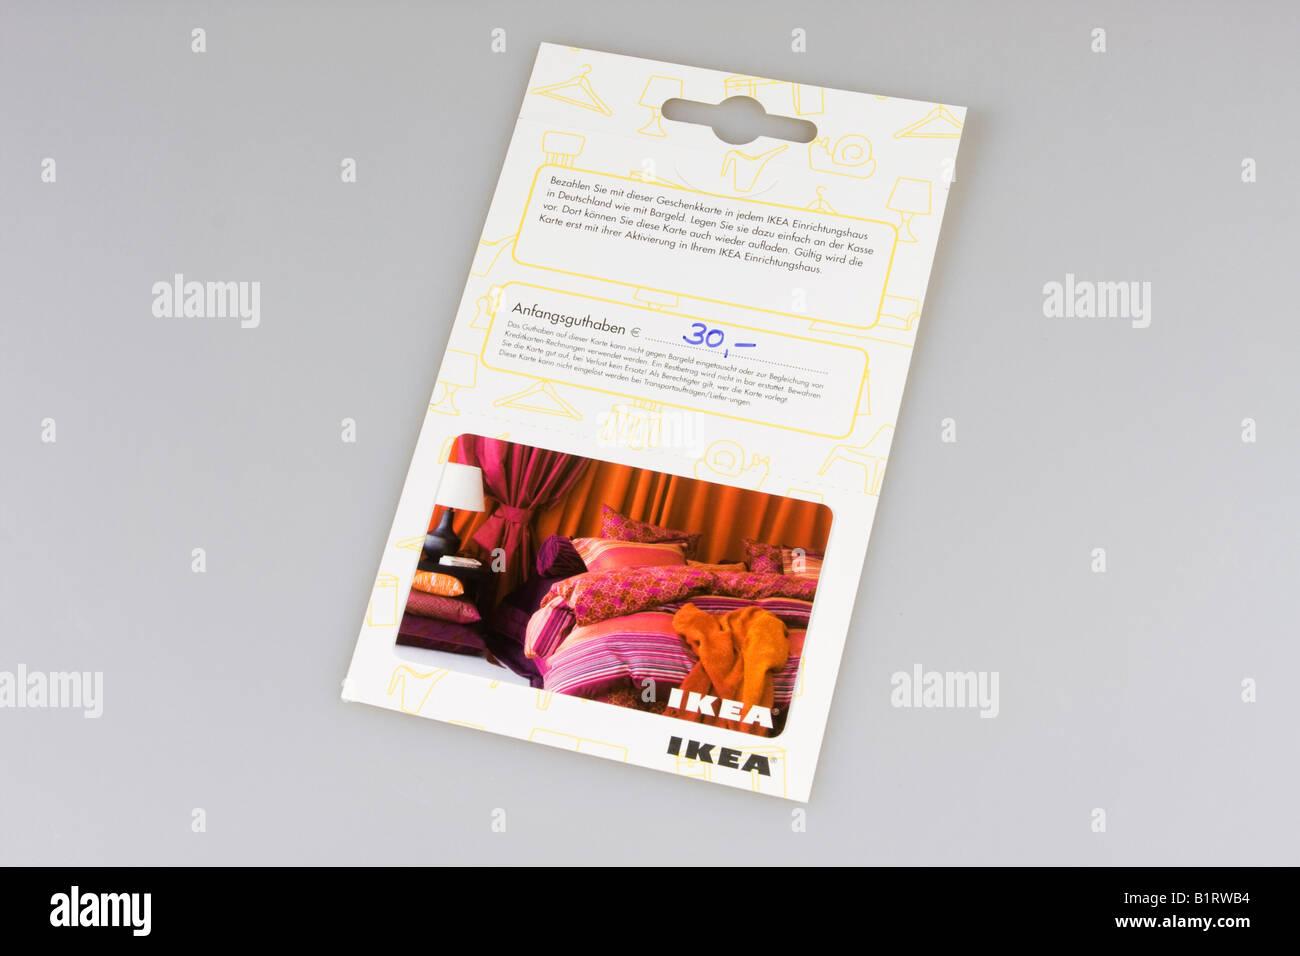 Ikea Kundenkarte Einkaufen Gutschein Gutschein Gutschein